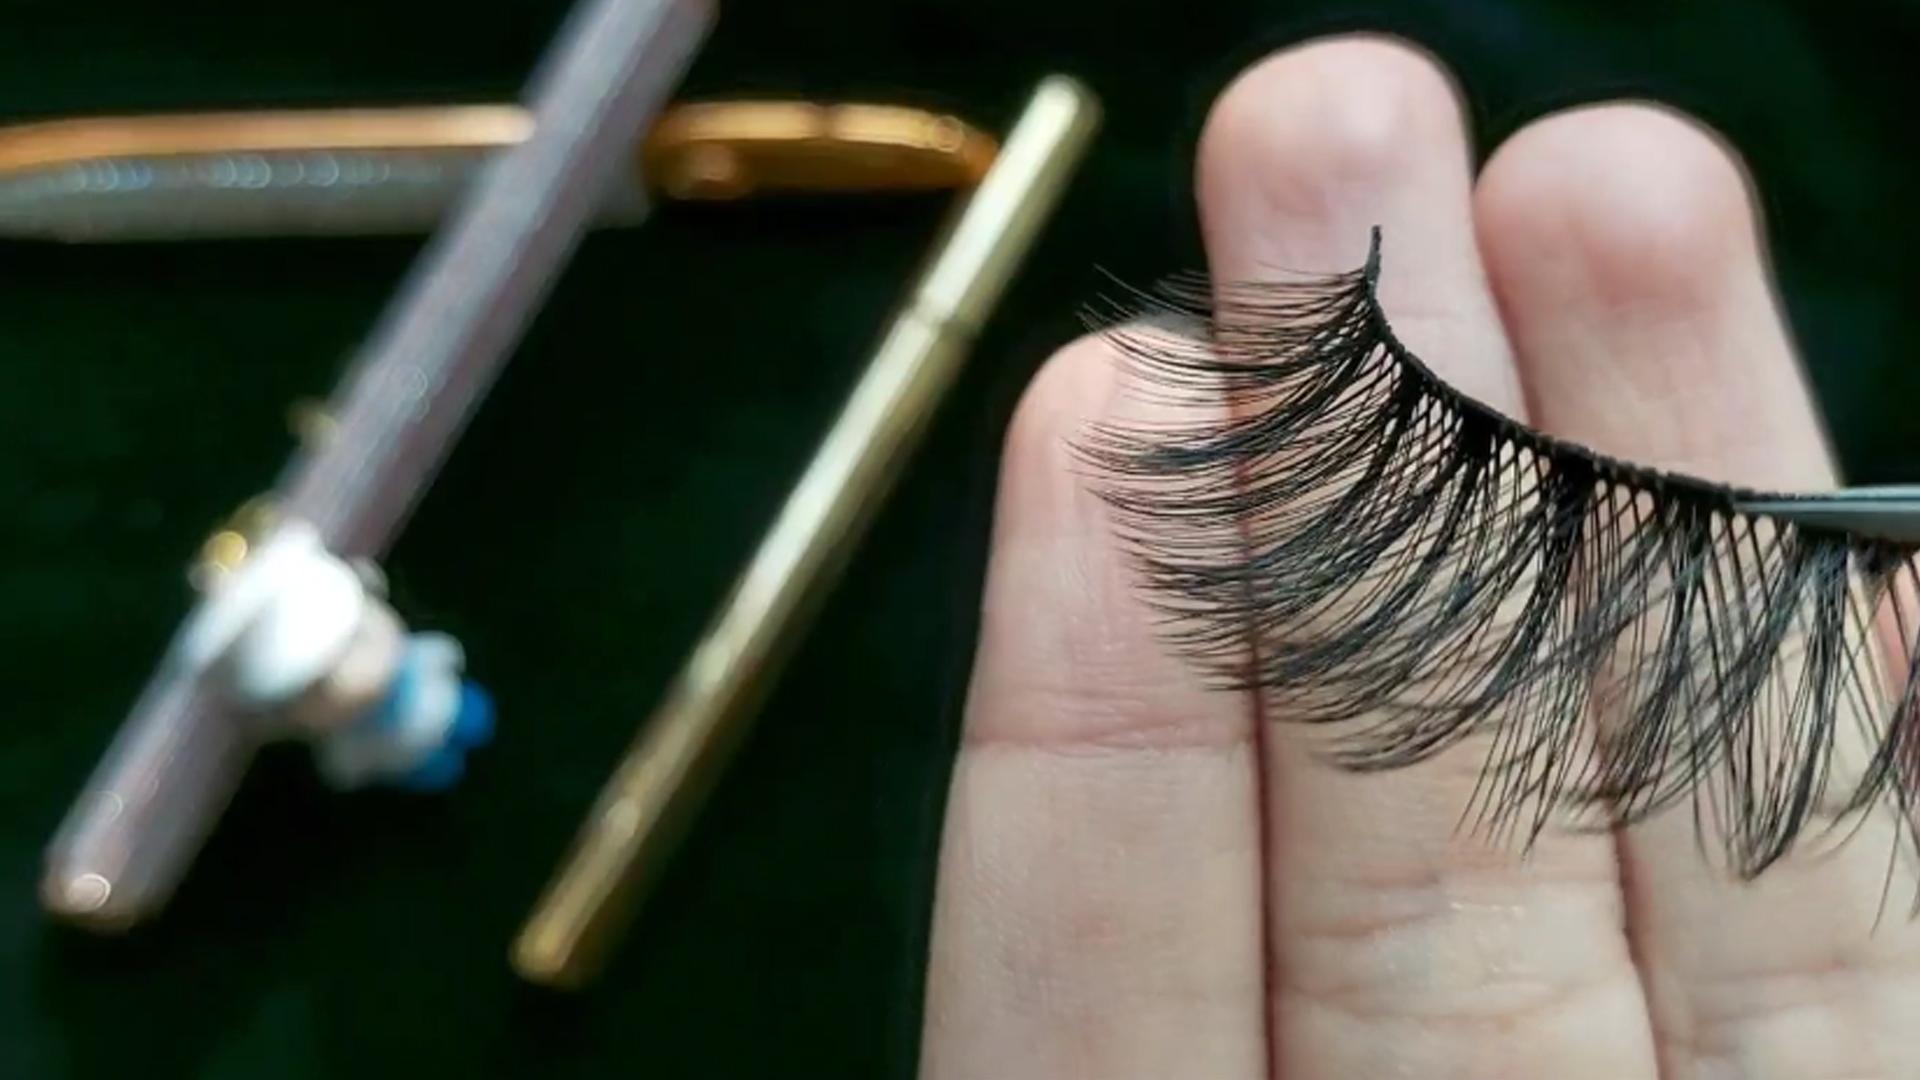 Chemical fiber + Eyeliner